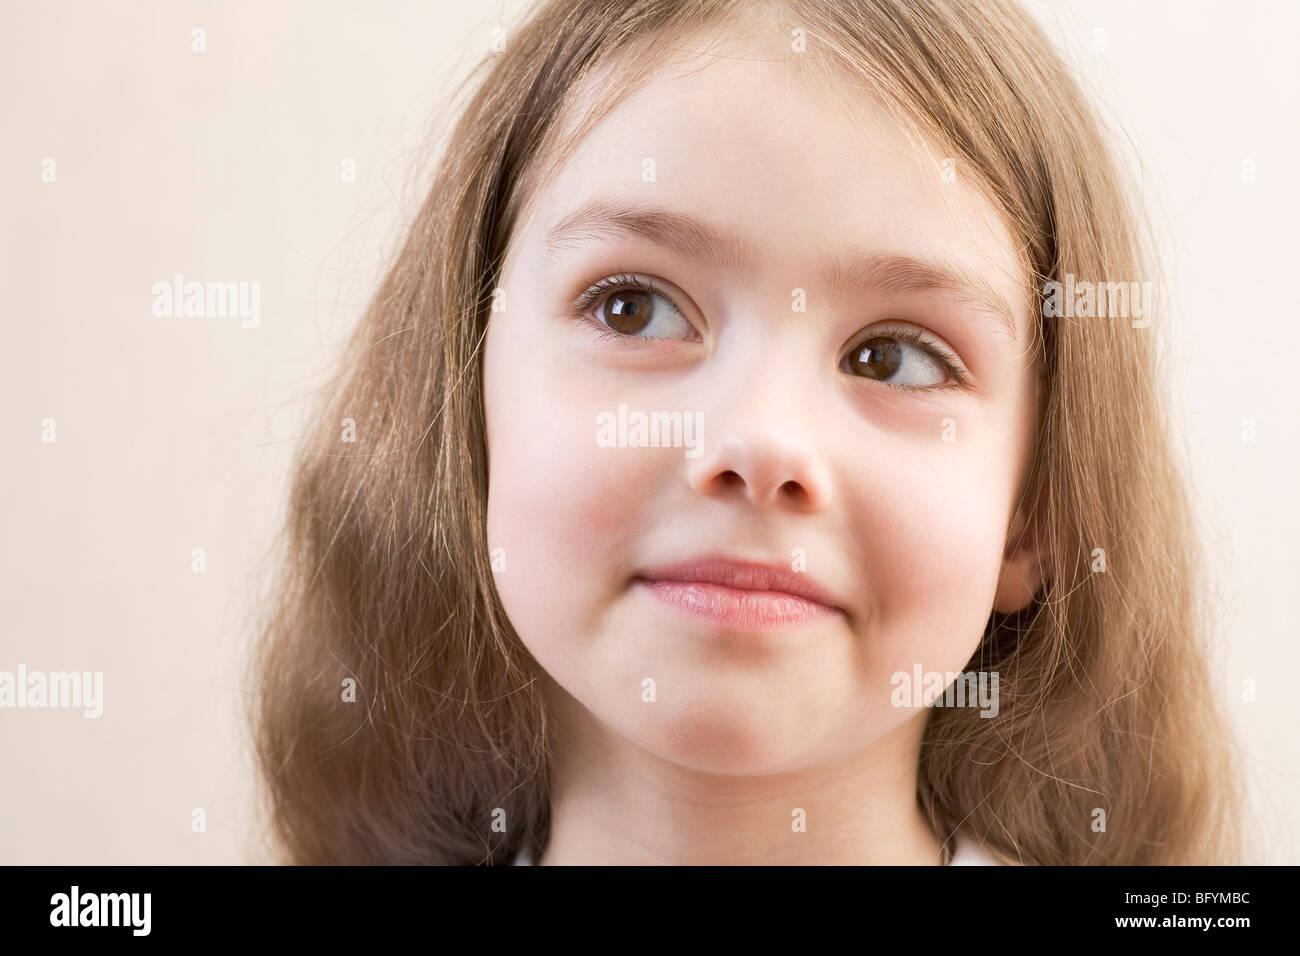 headshot of young girl - Stock Image